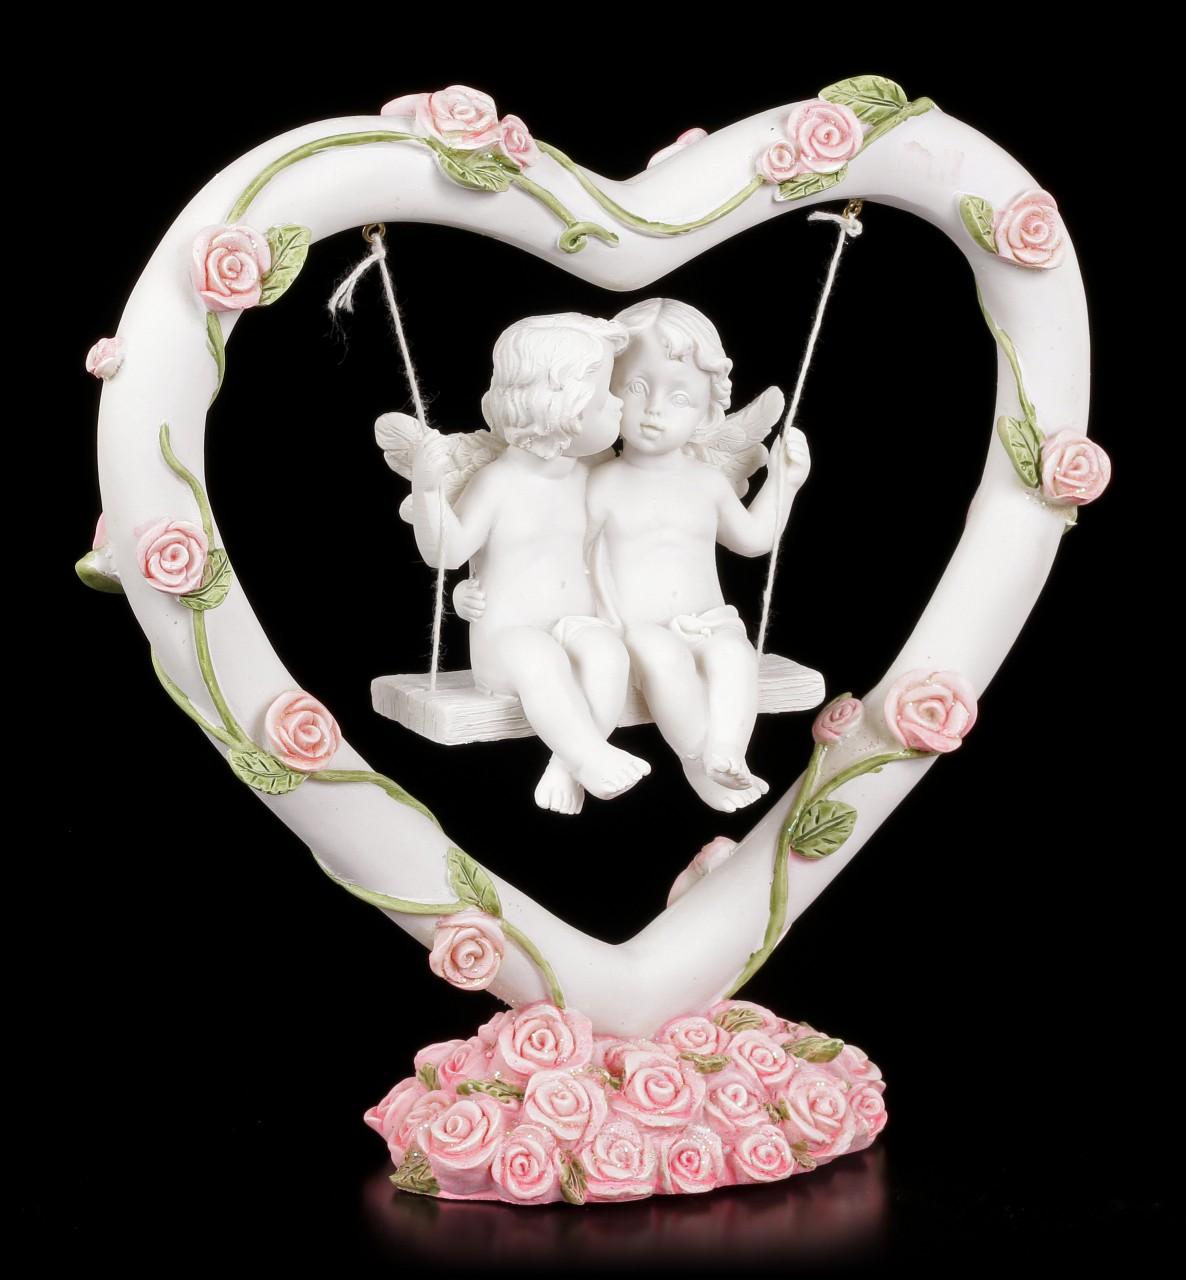 Herzschaukel mit zwei verliebten Engeln